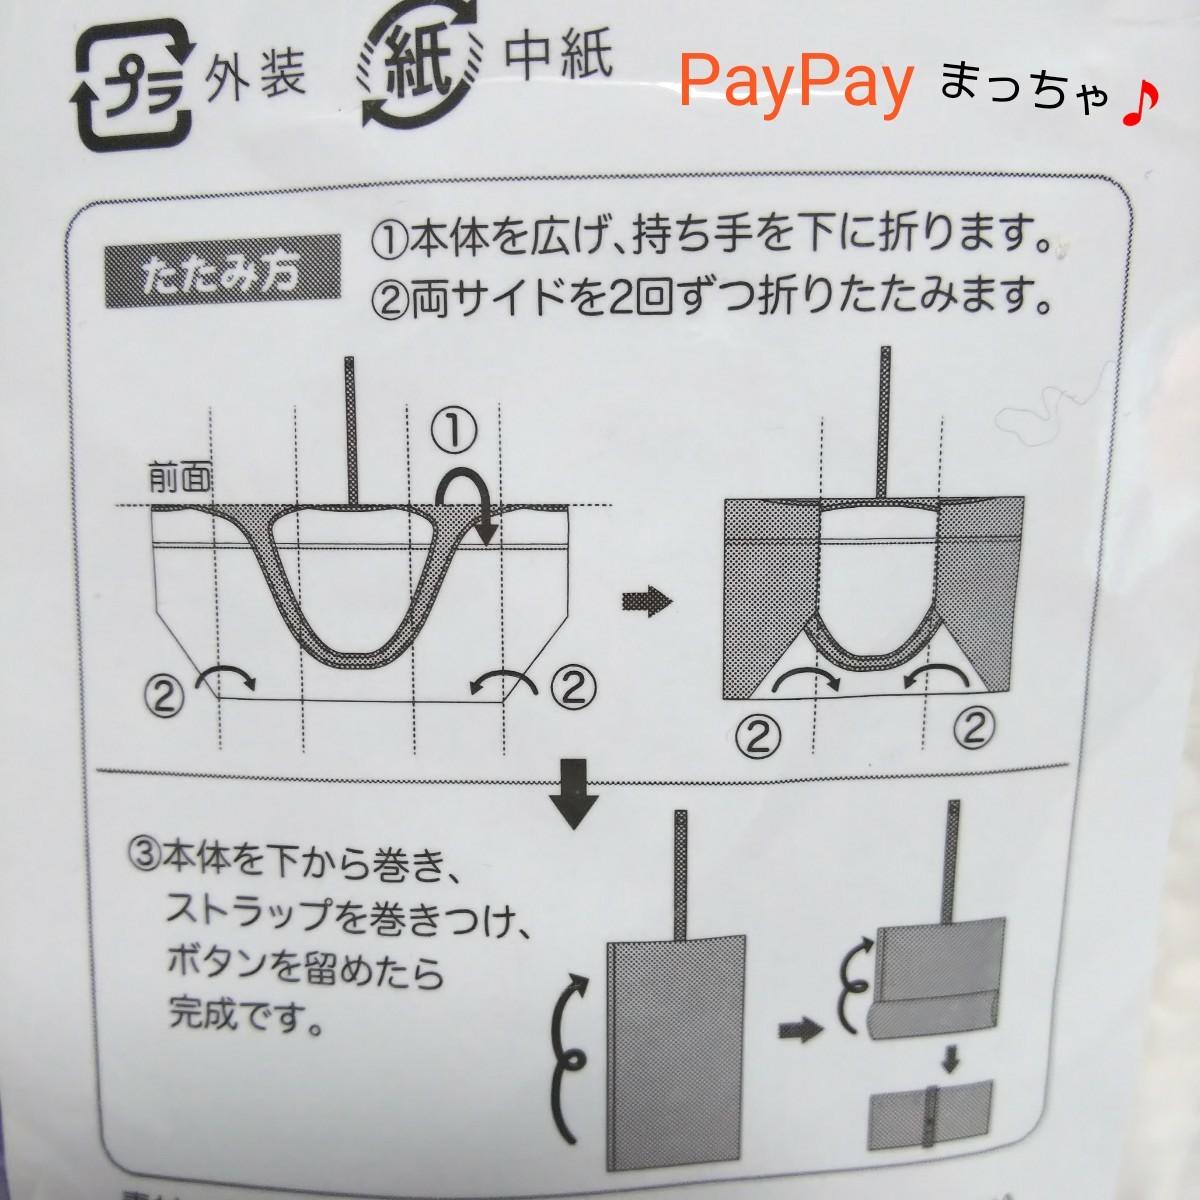 ペコちゃん レジカゴバッグ 総柄 週末限定価格!【新品】